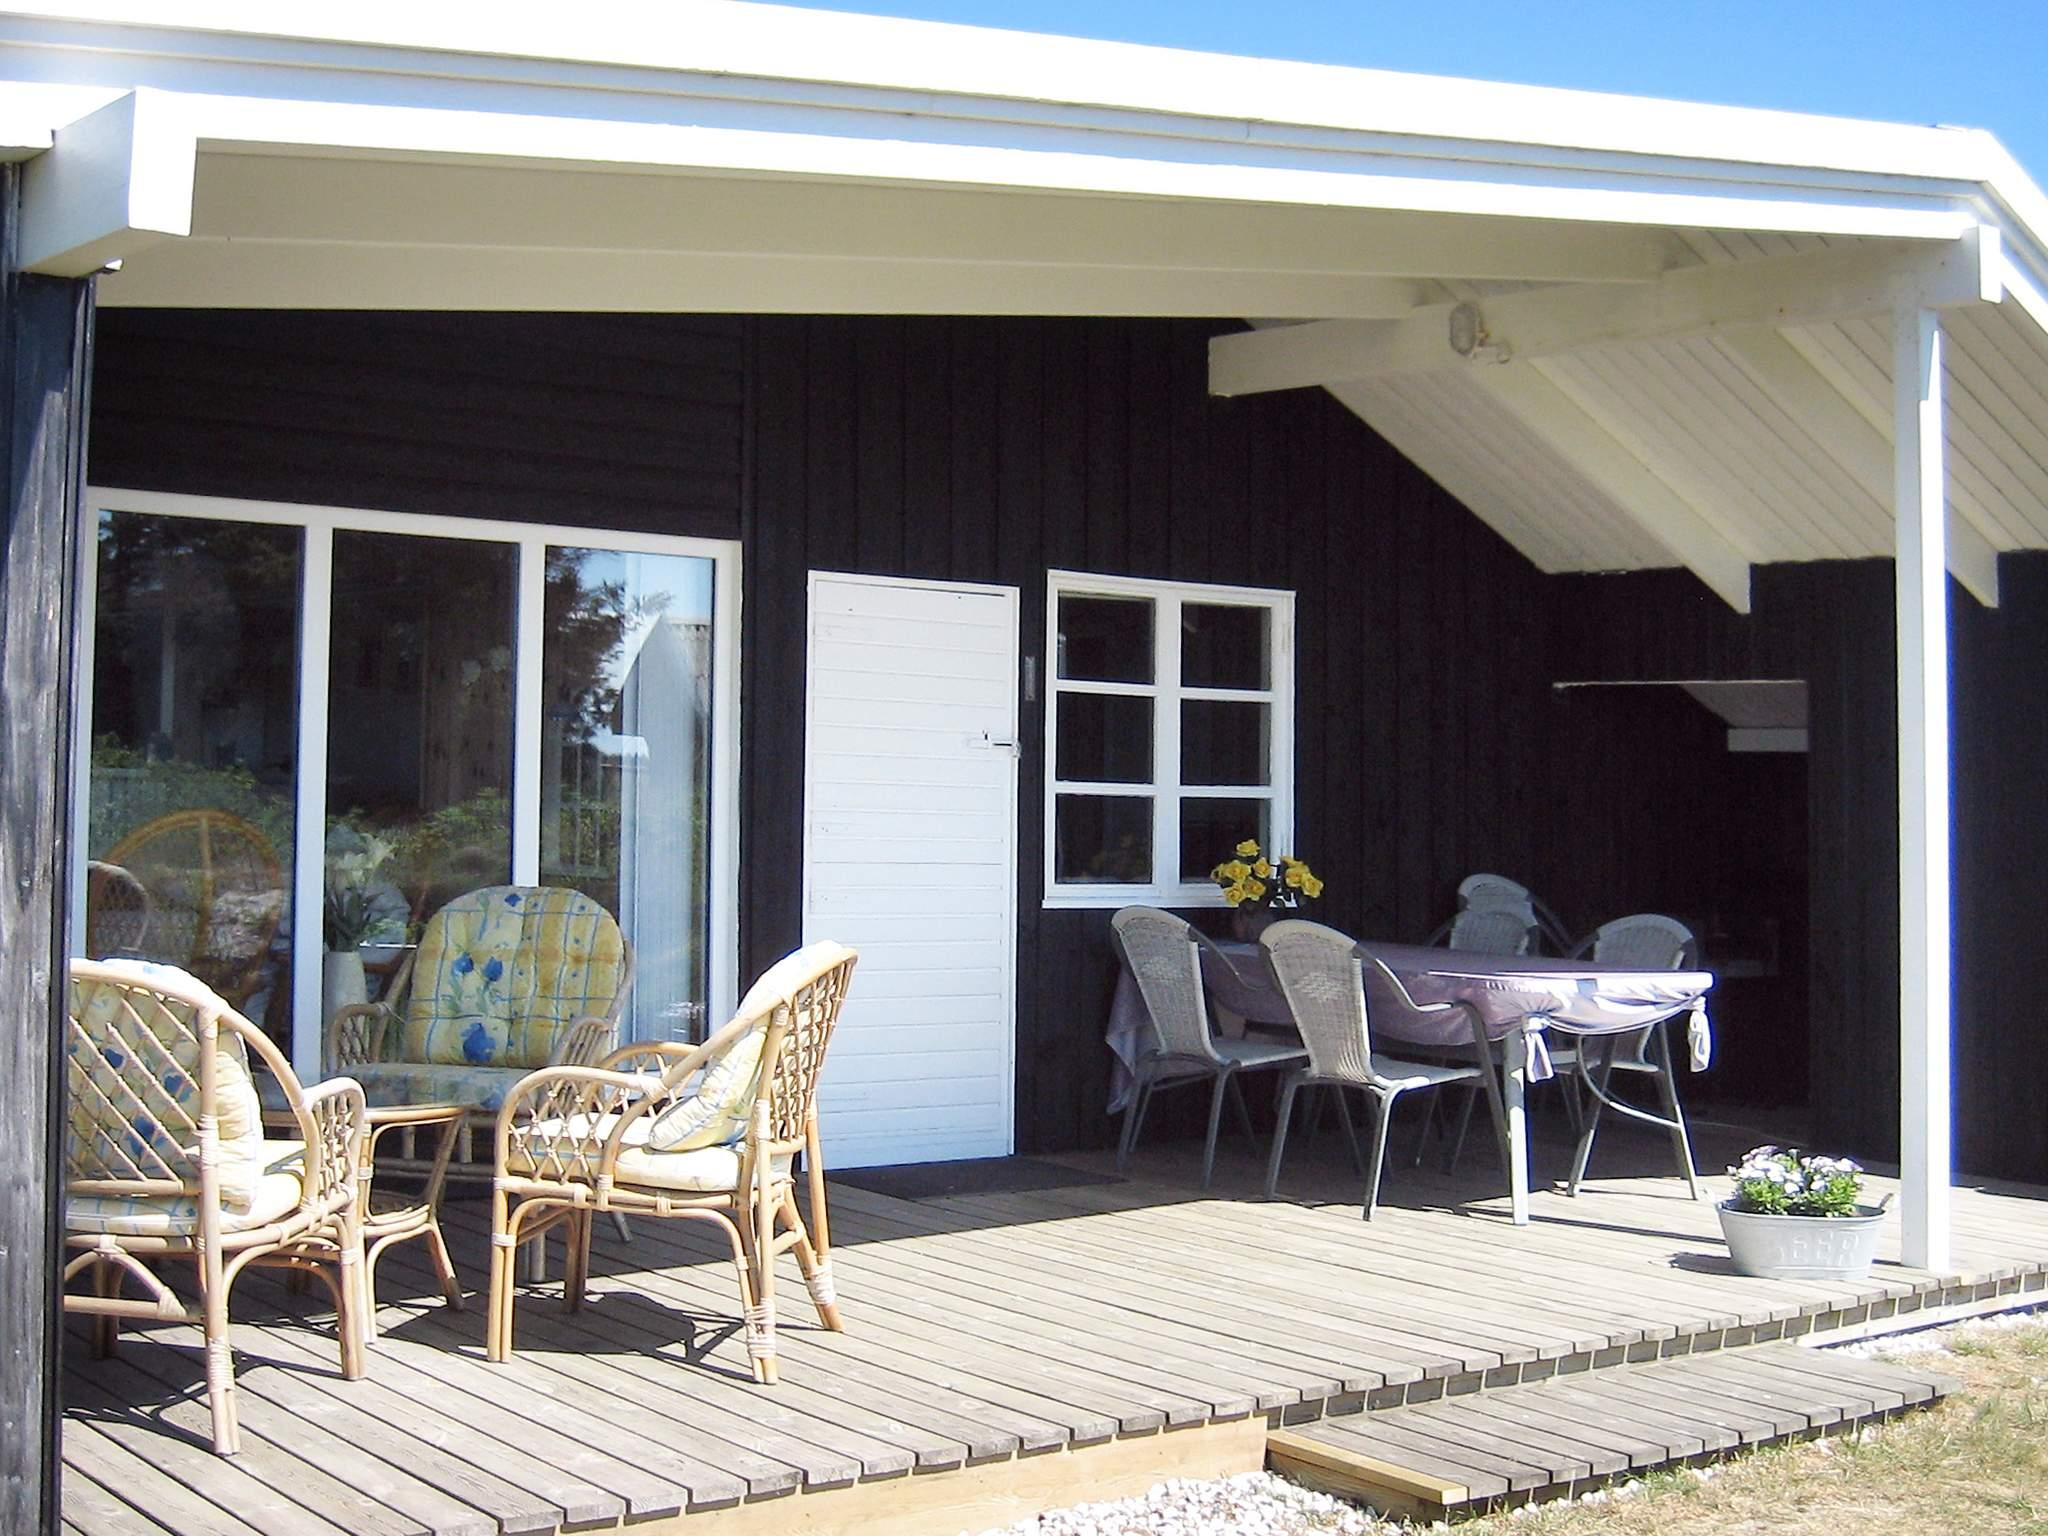 Ferienhaus Løkken (83321), Løkken, , Nordwestjütland, Dänemark, Bild 9